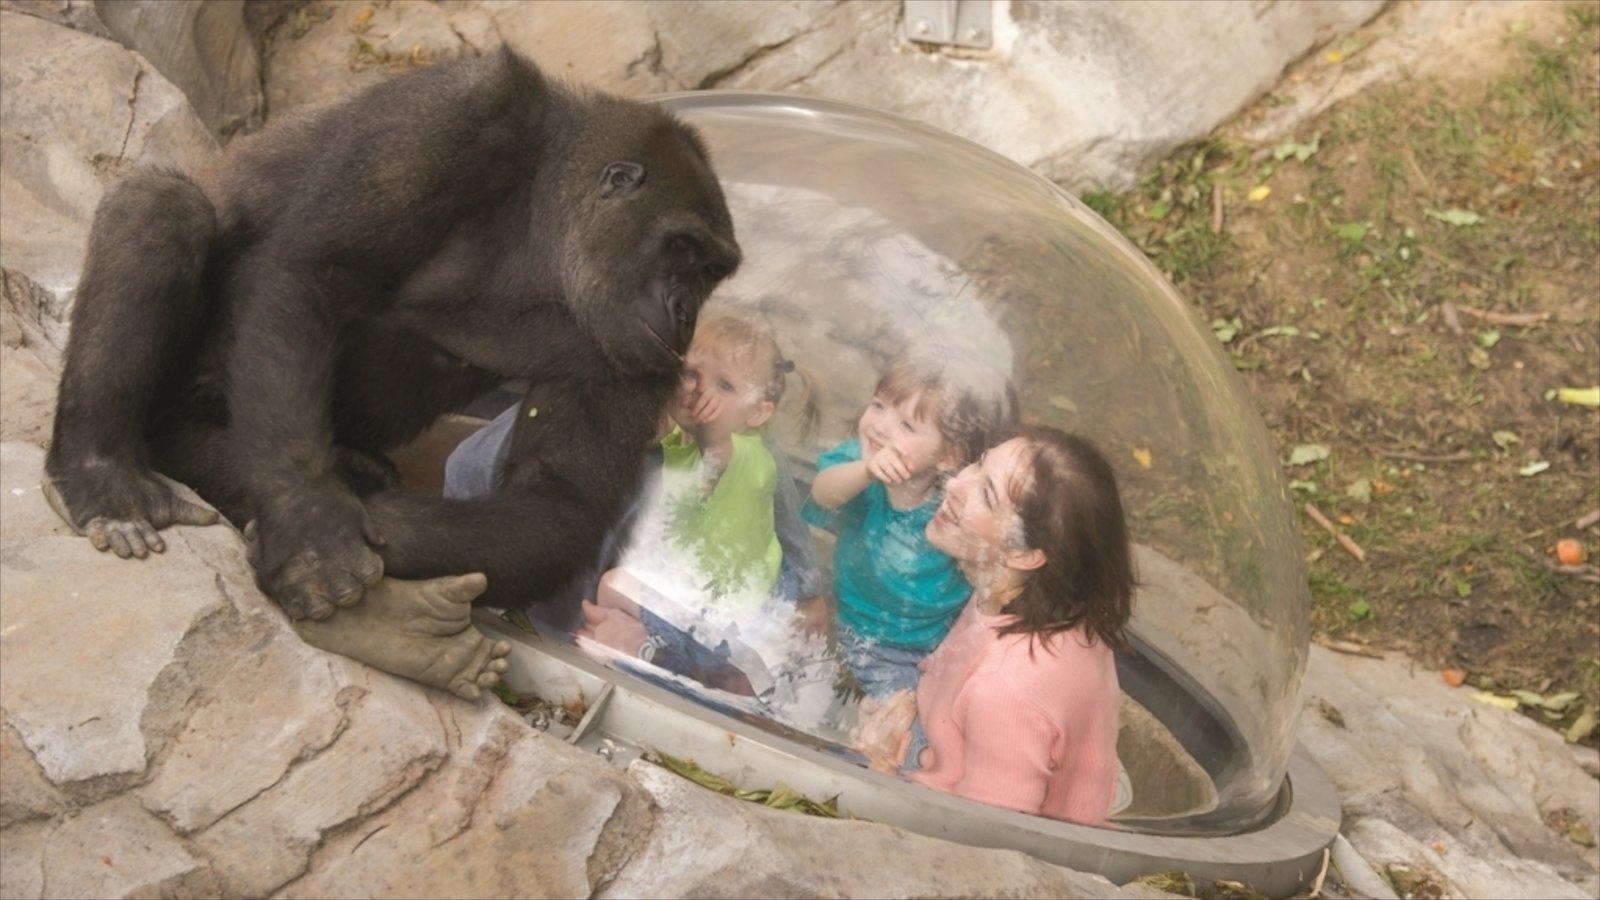 Omaha mostrando animais terrestres e animais de zoológico assim como uma família